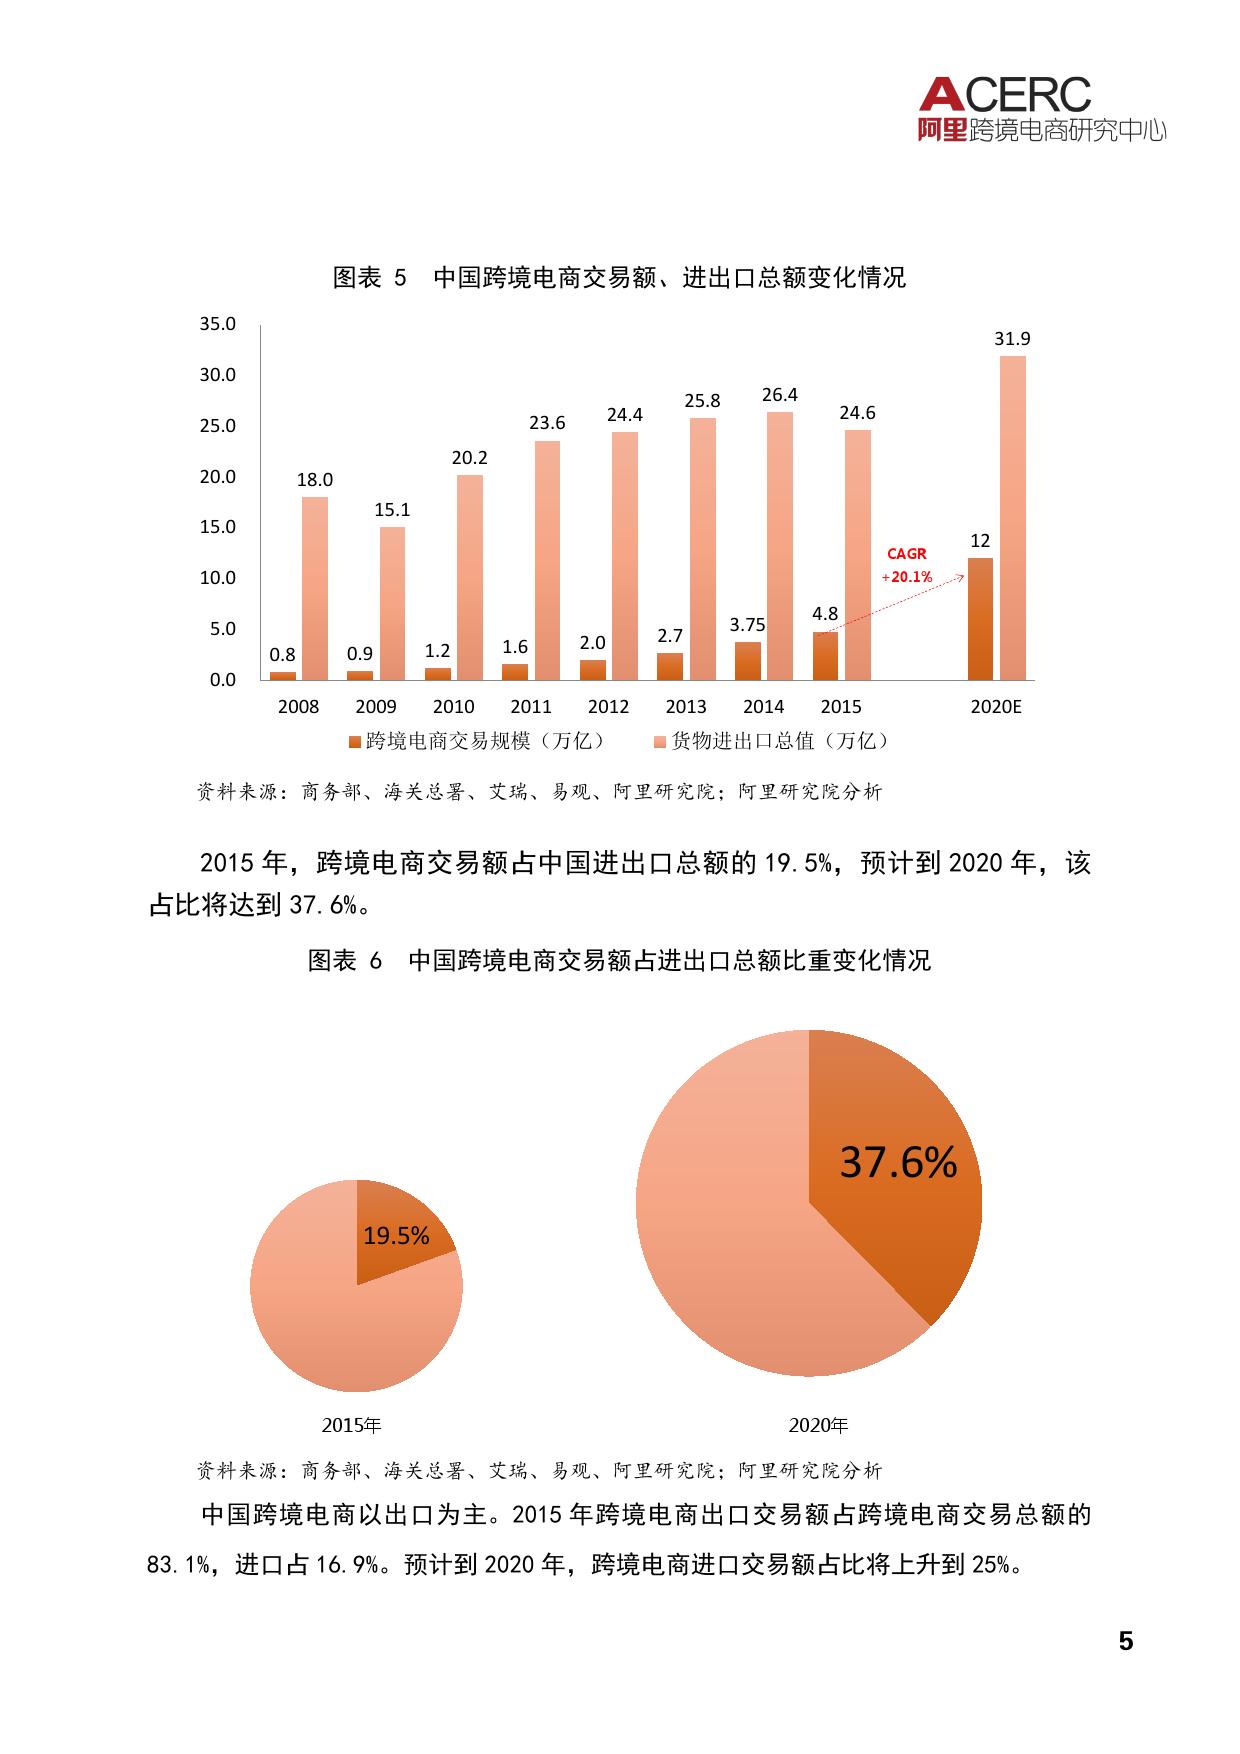 2016中国跨境电商发展报告_000009